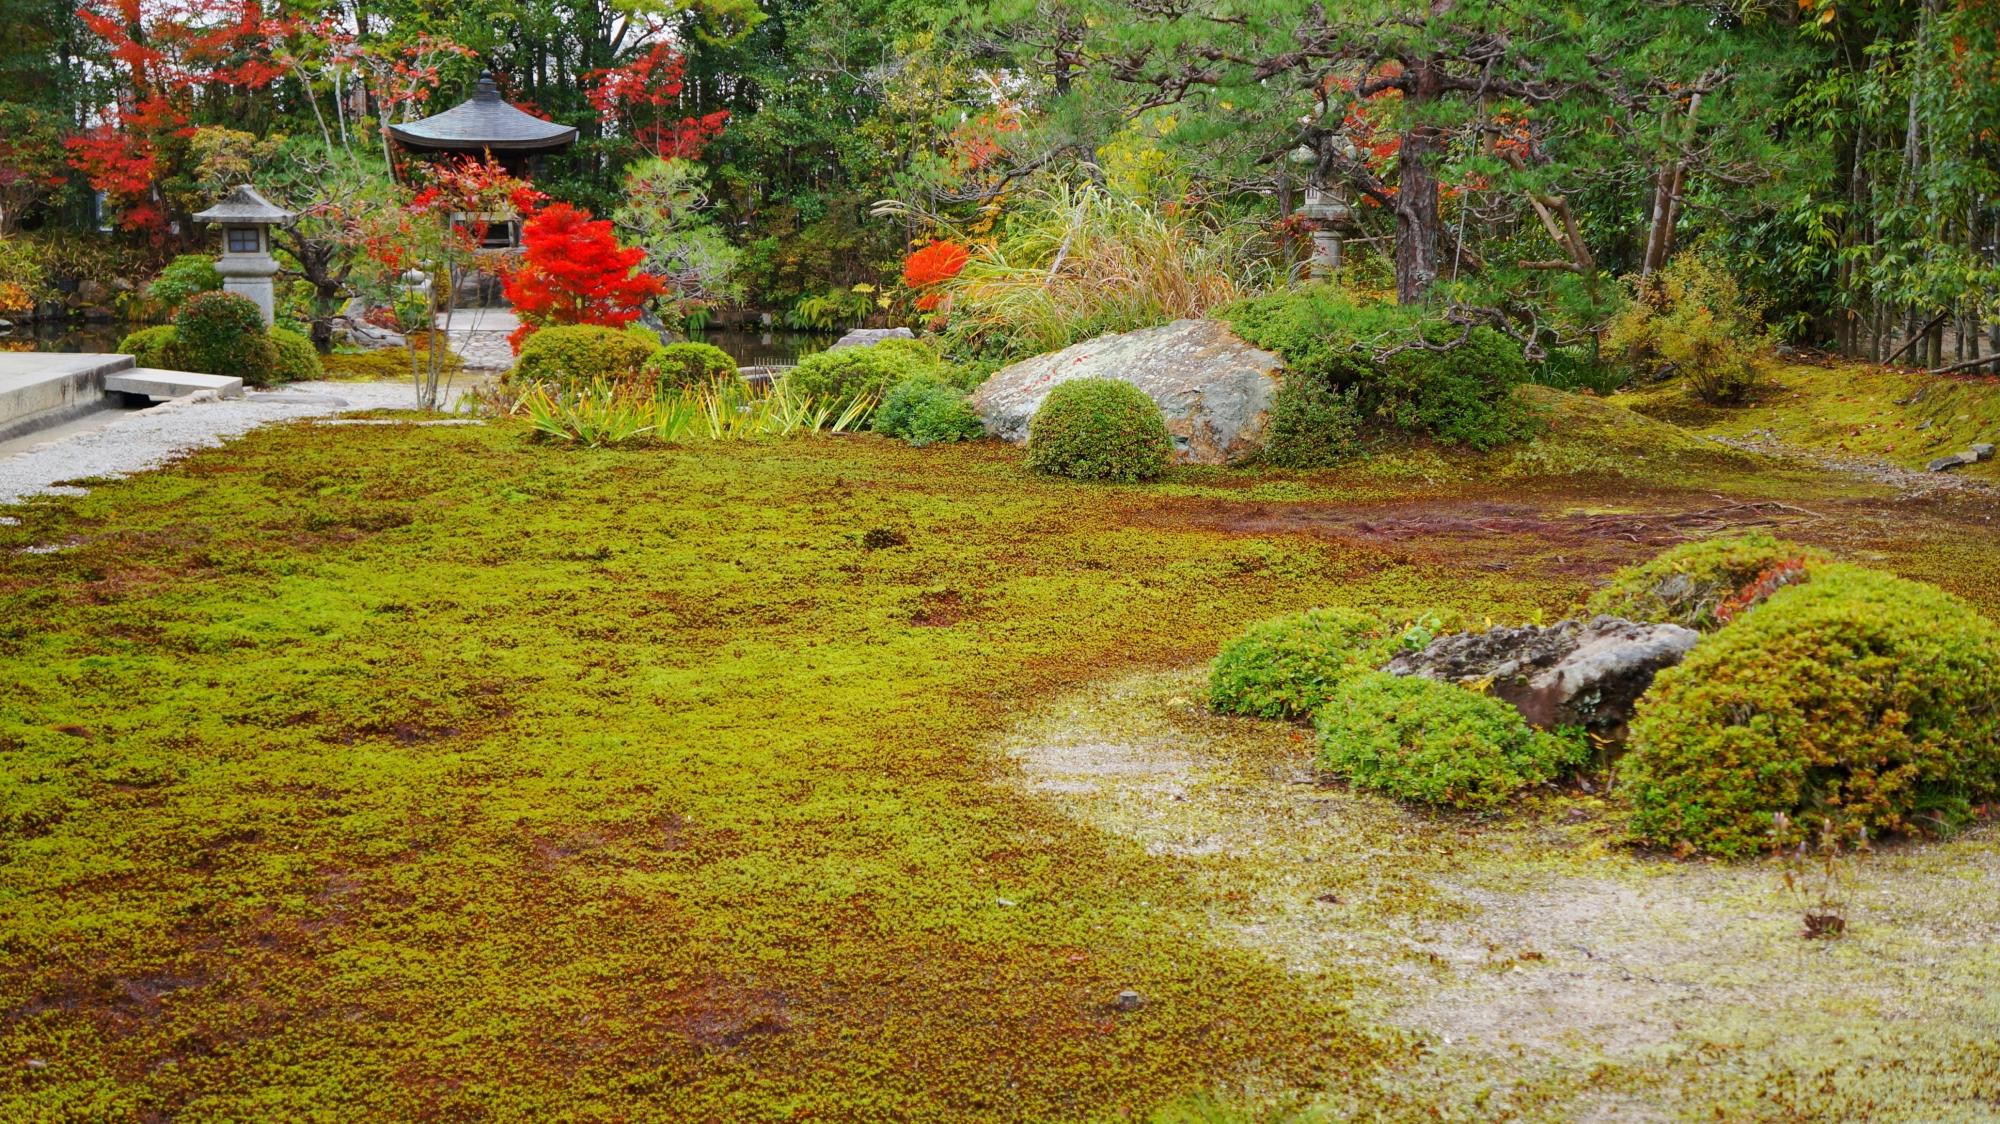 枯山水と池泉式の融合したような南陽院の庭園